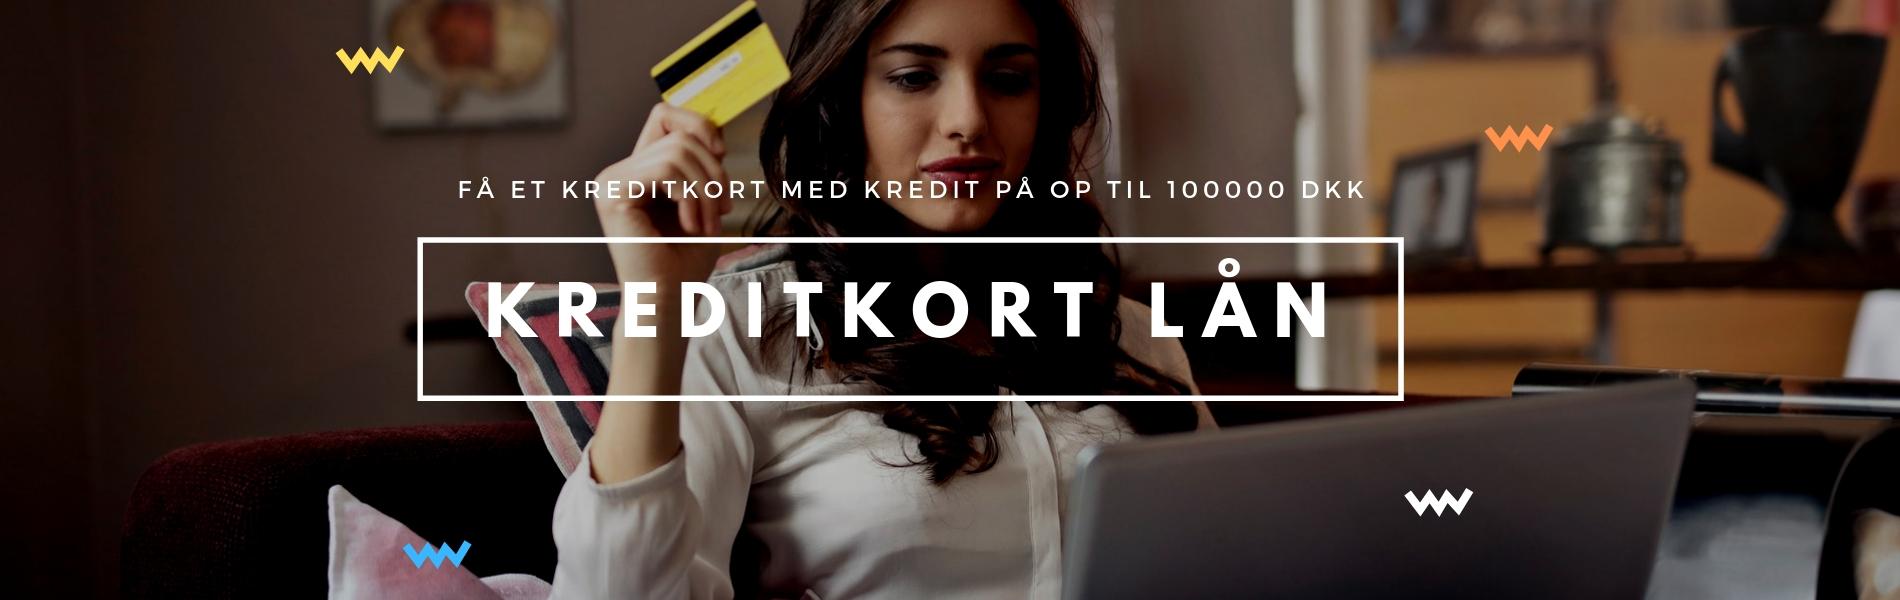 Kreditkort lån online